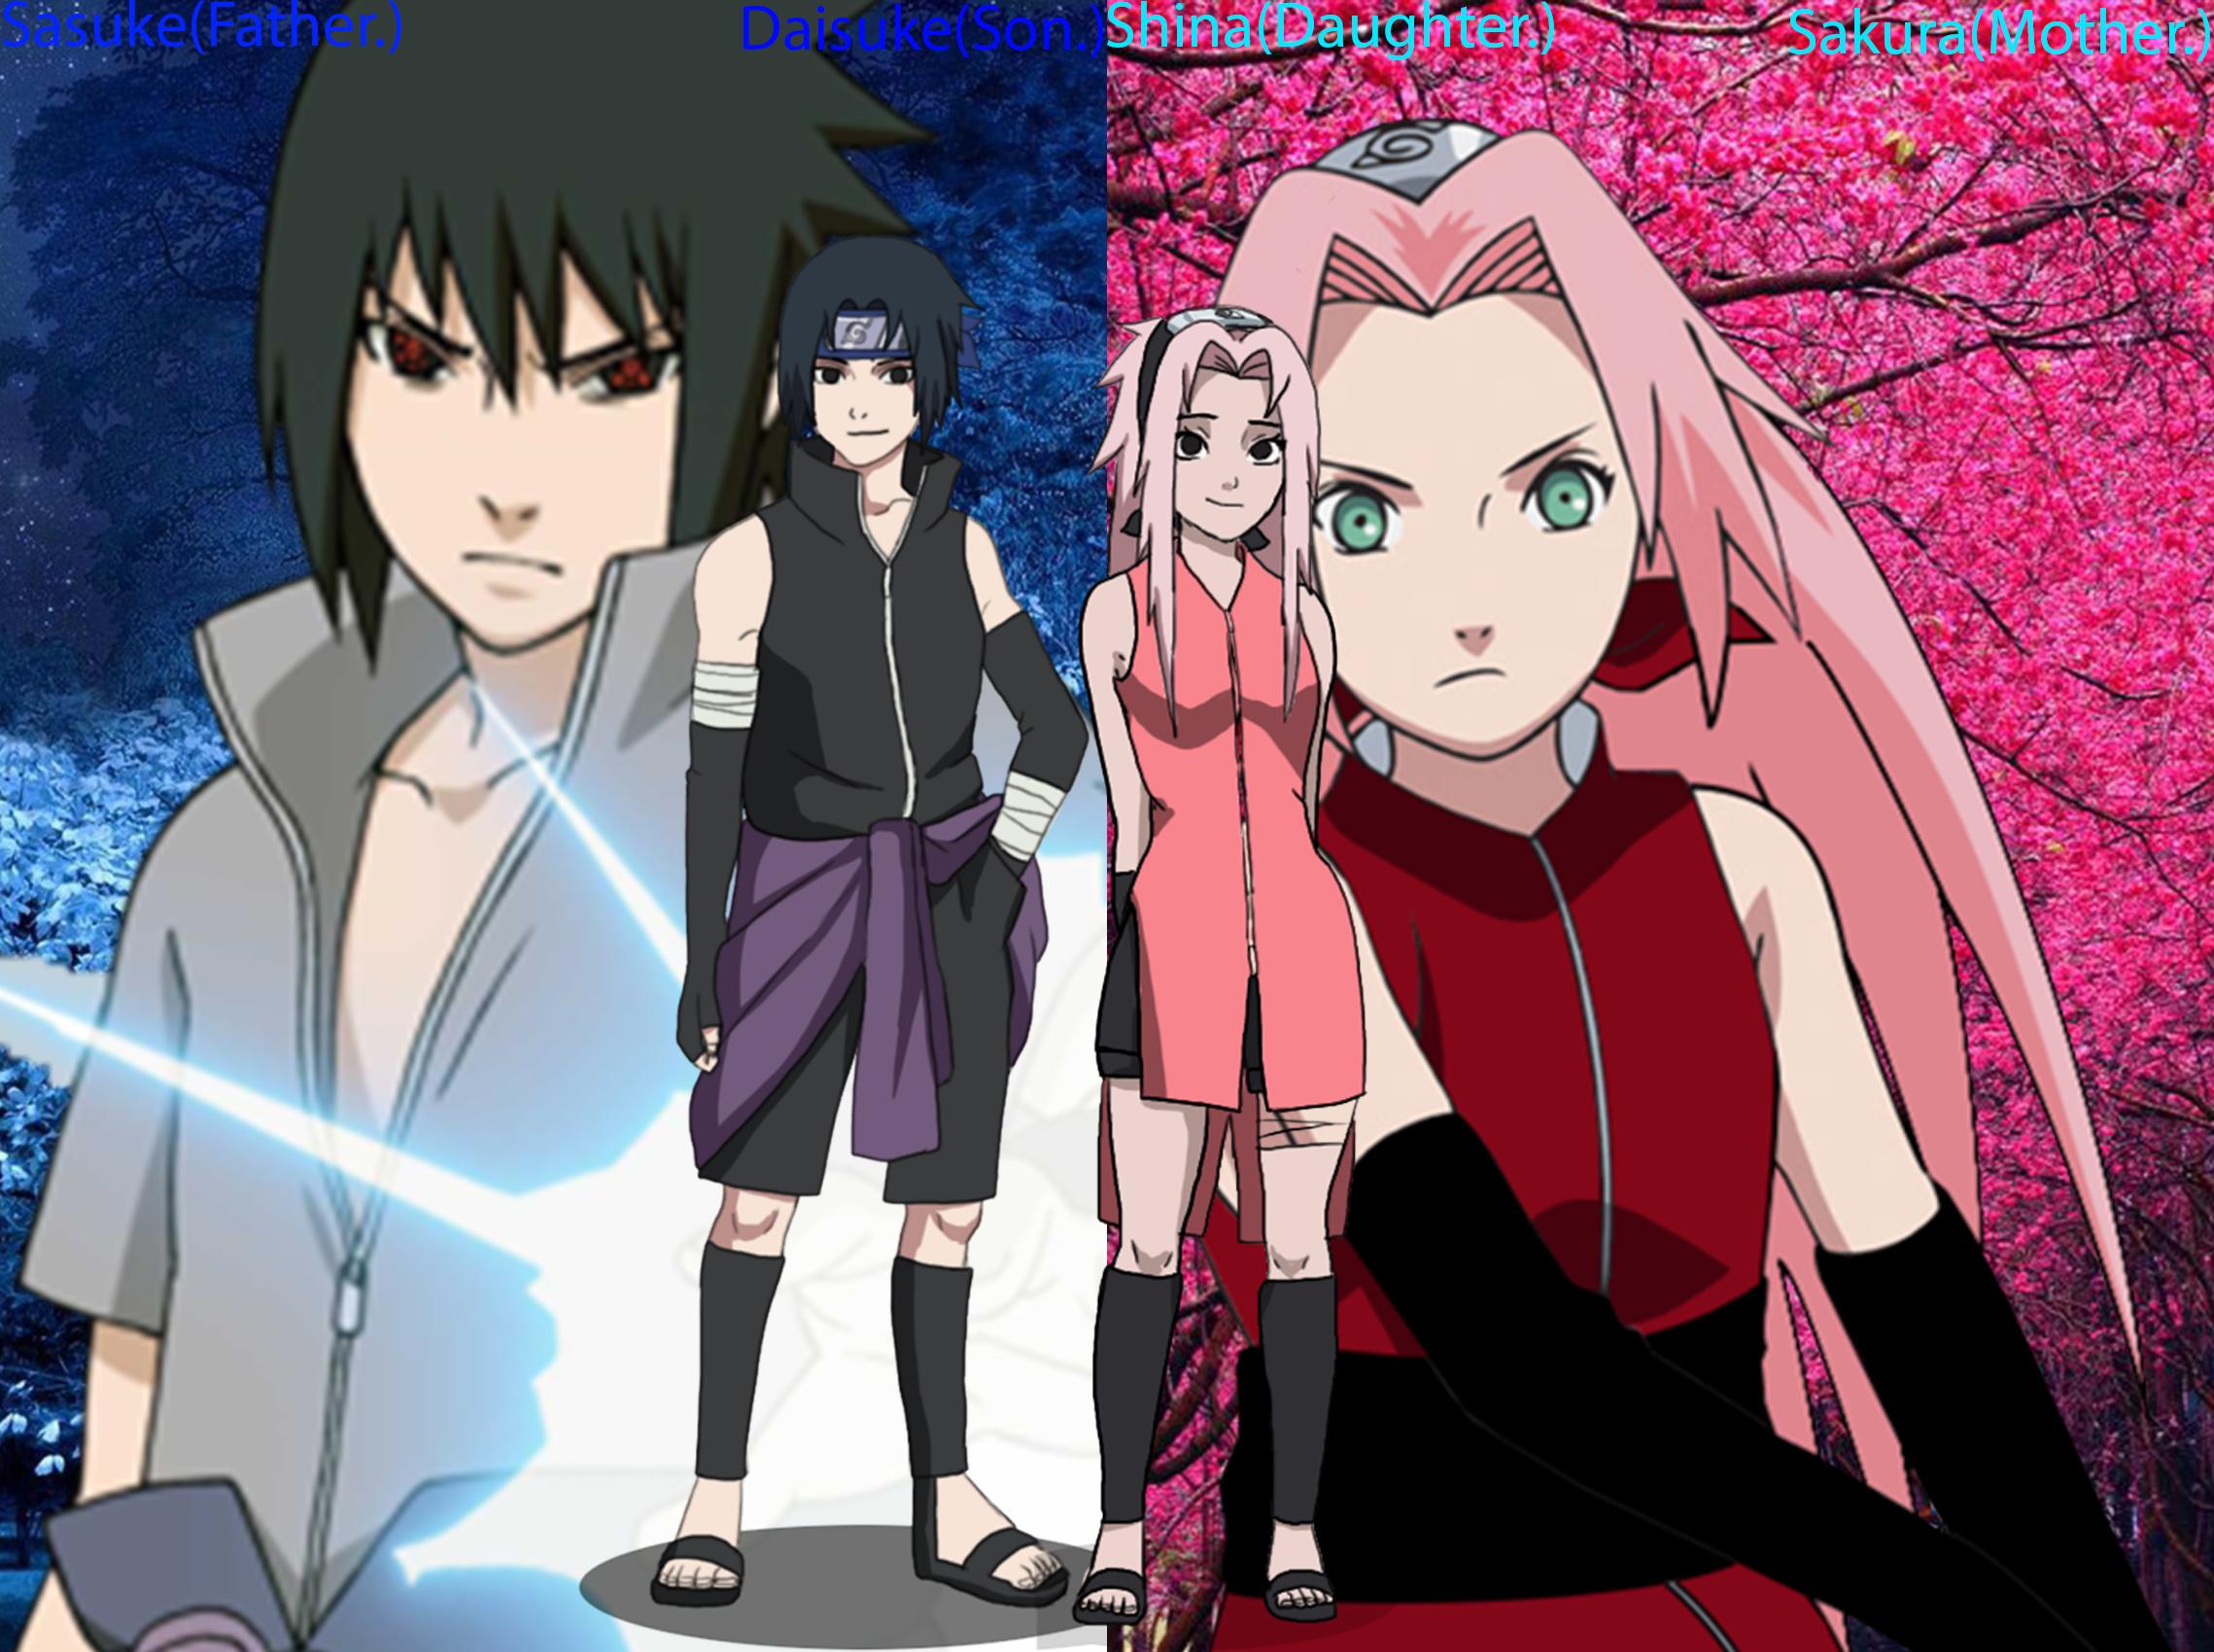 Sasuke's and Sakura's children Shina and Daisuke  by